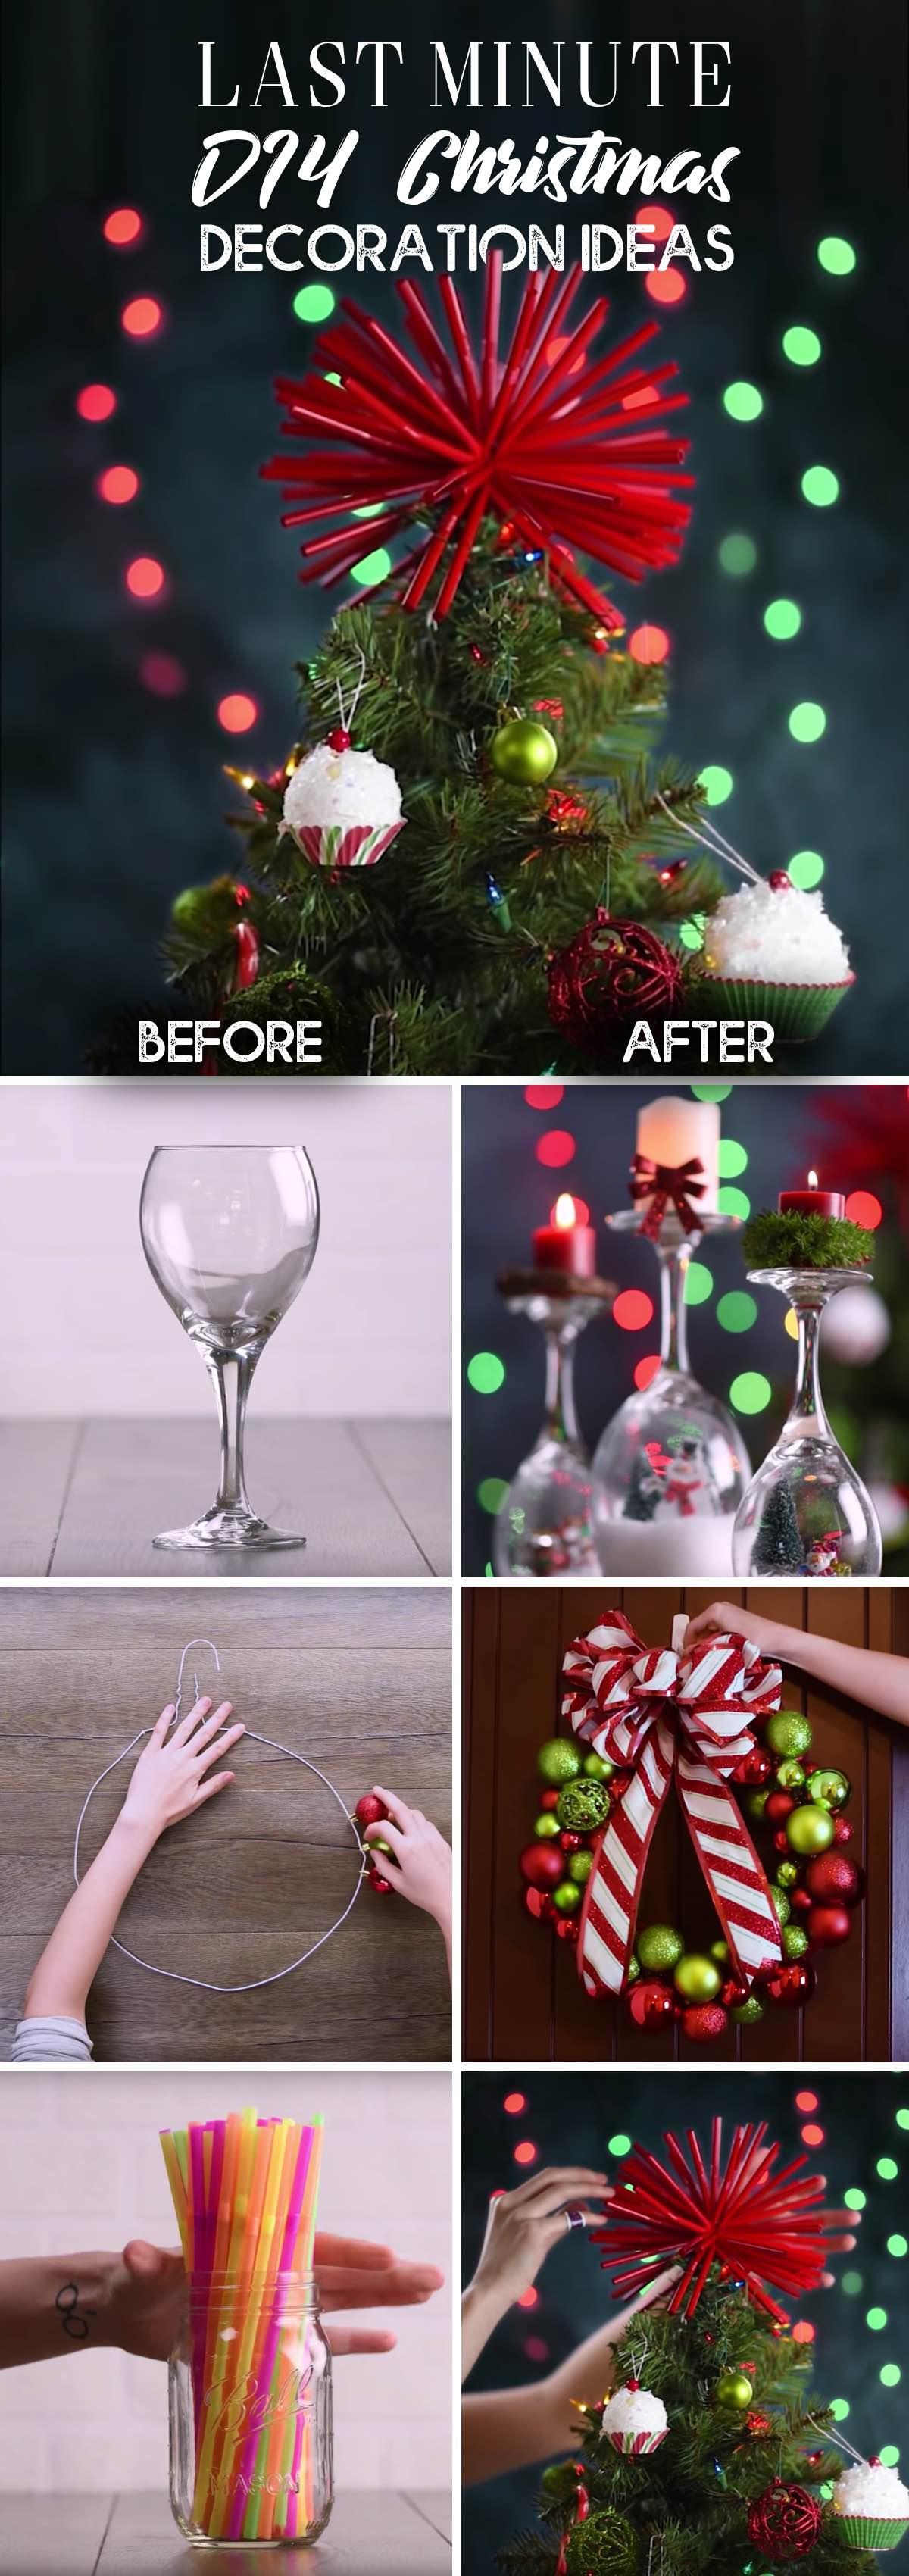 Diy Ideas For Christmas Decor